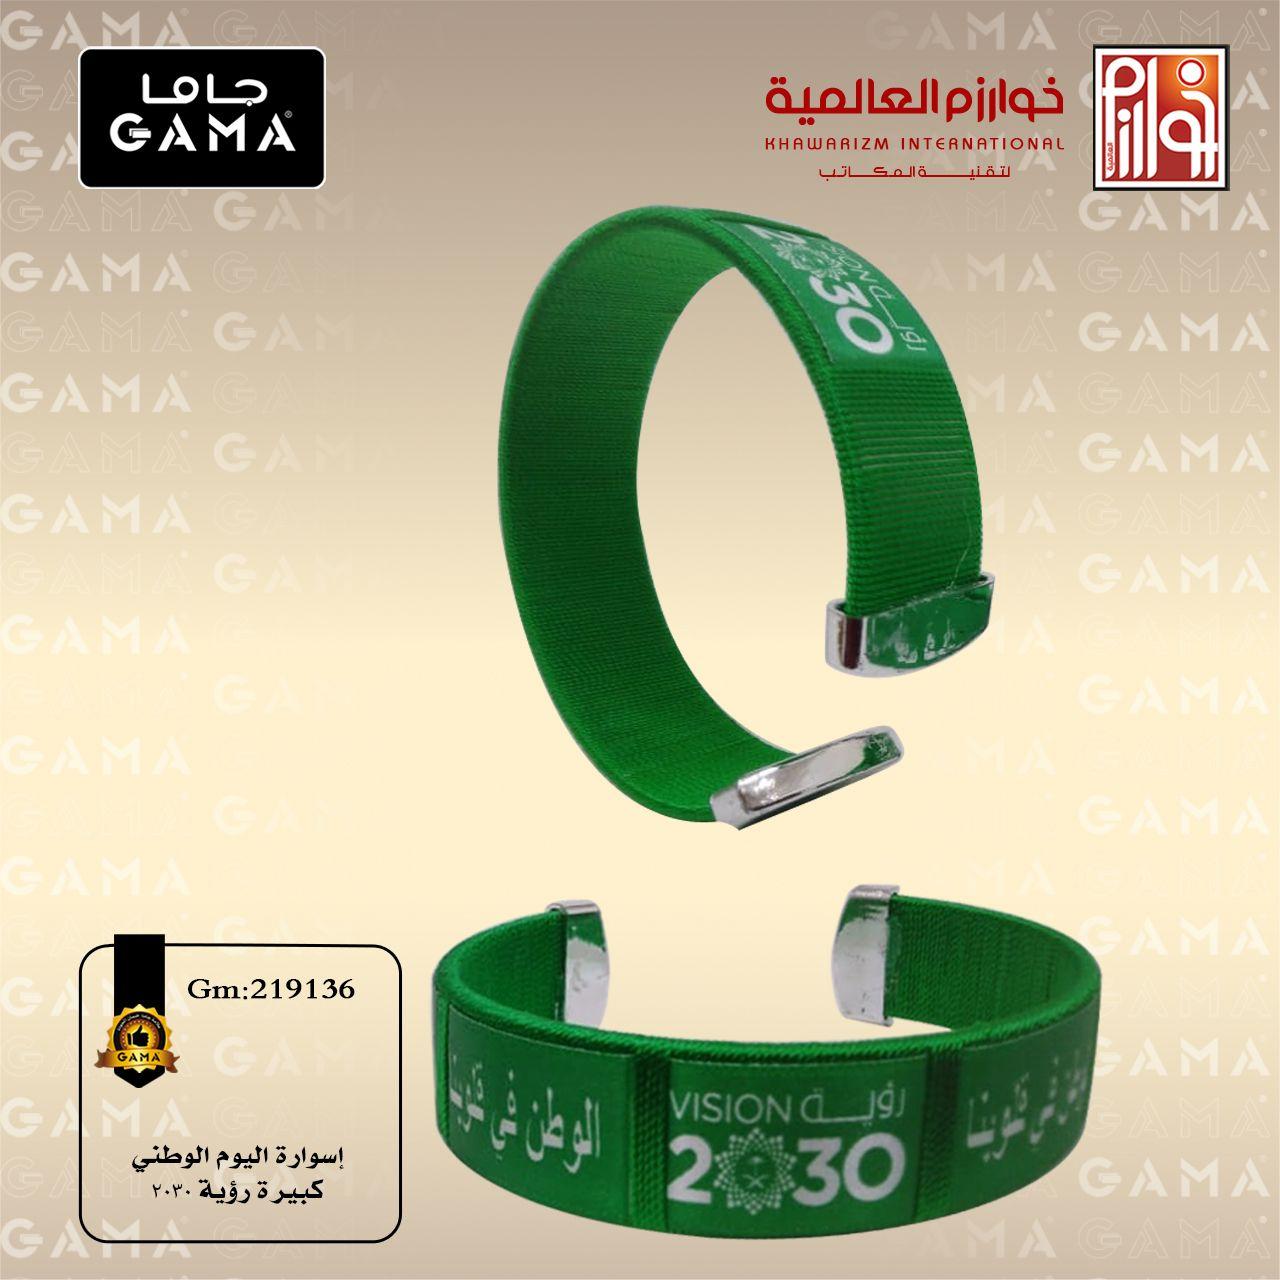 اسوارة اليوم الوطني السعودي Accessories Wearable Fitbit